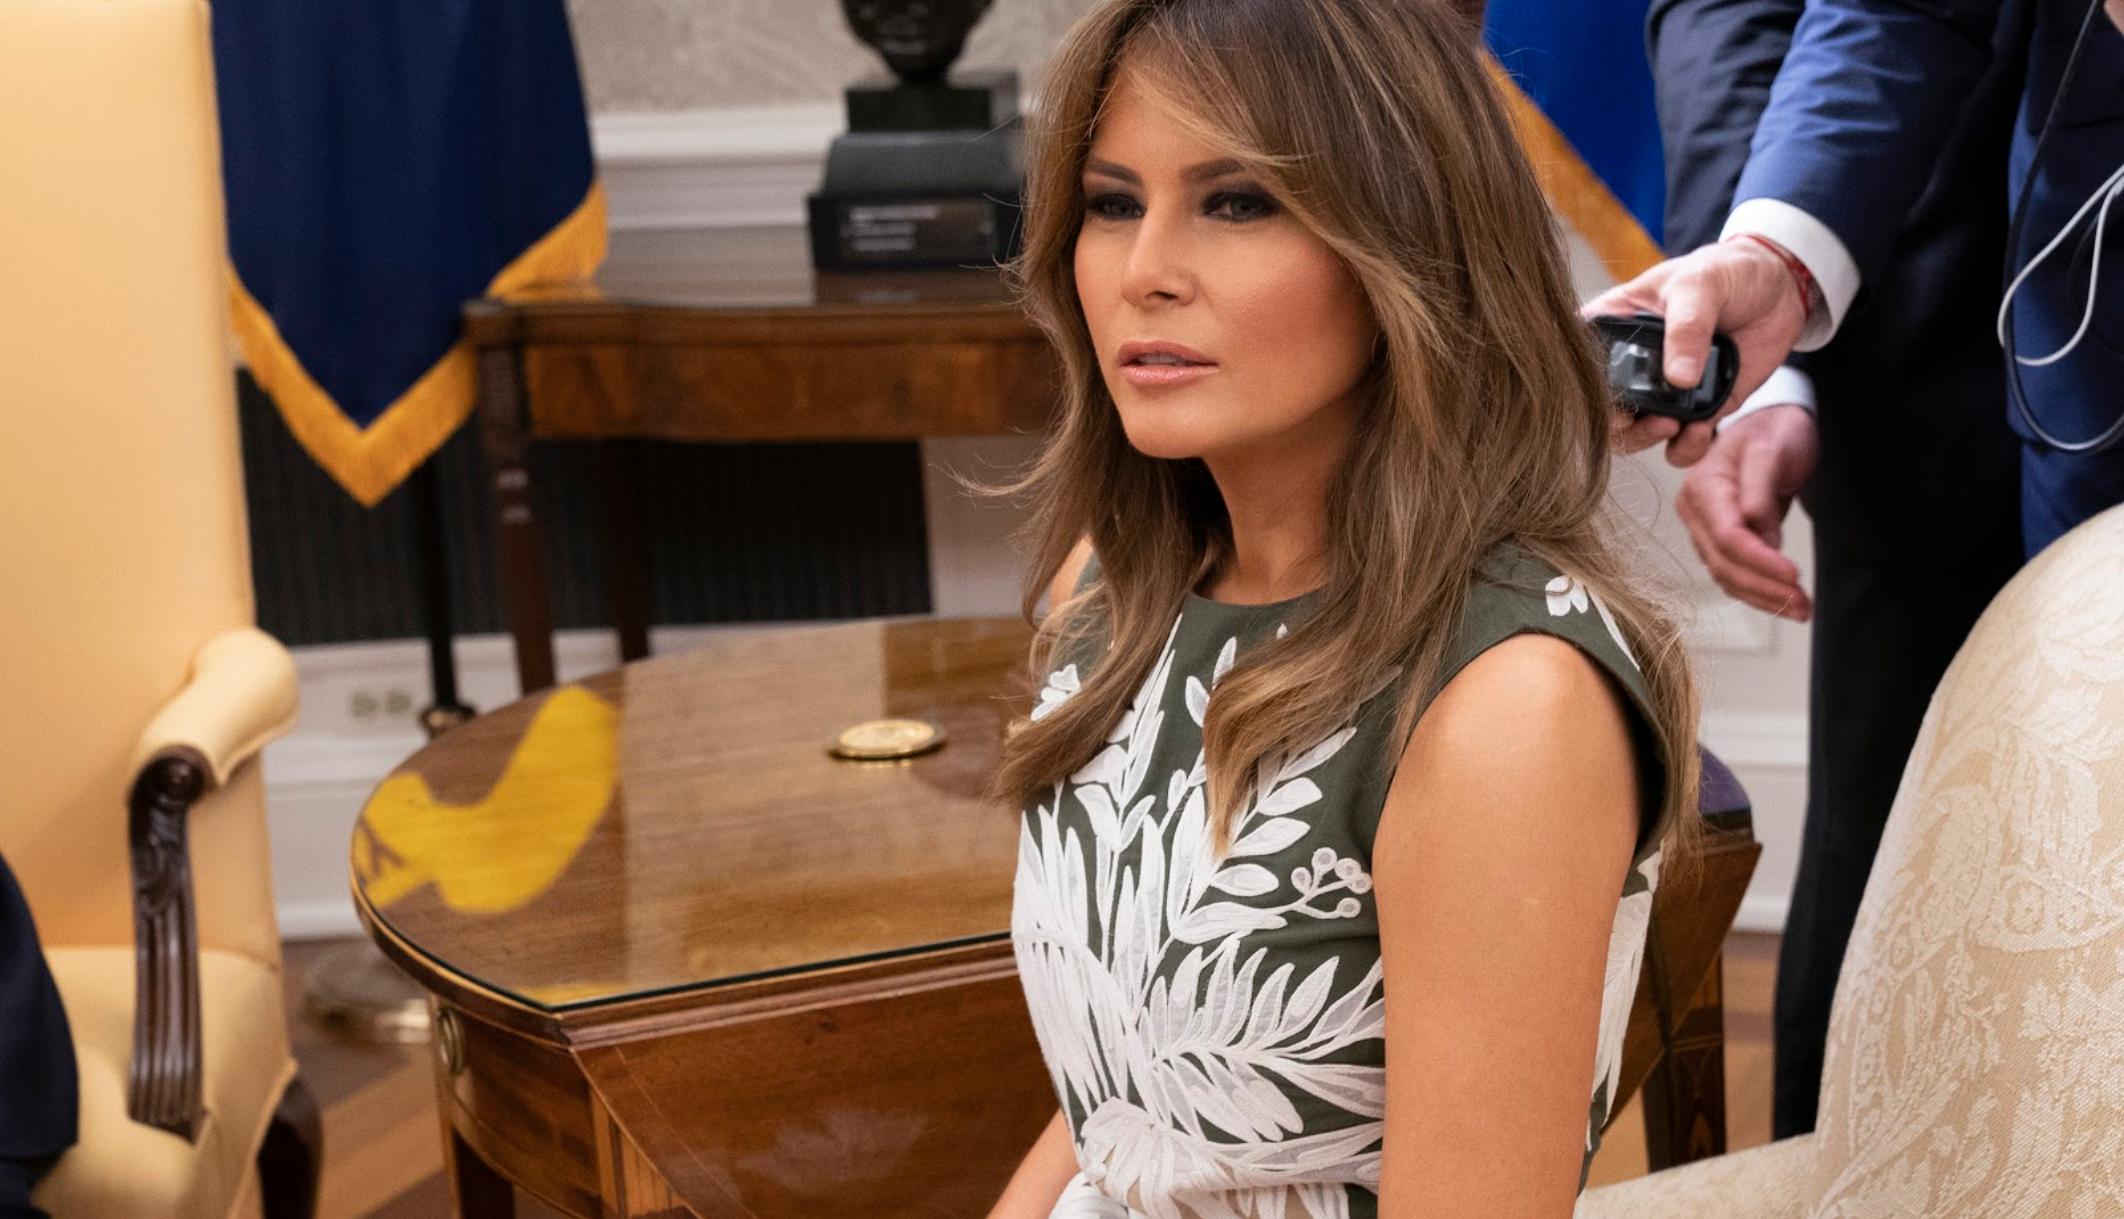 Melania Trump alerta al servicio secreto después de que Peter Fonda publicara un tweet inquietante sobre Barron